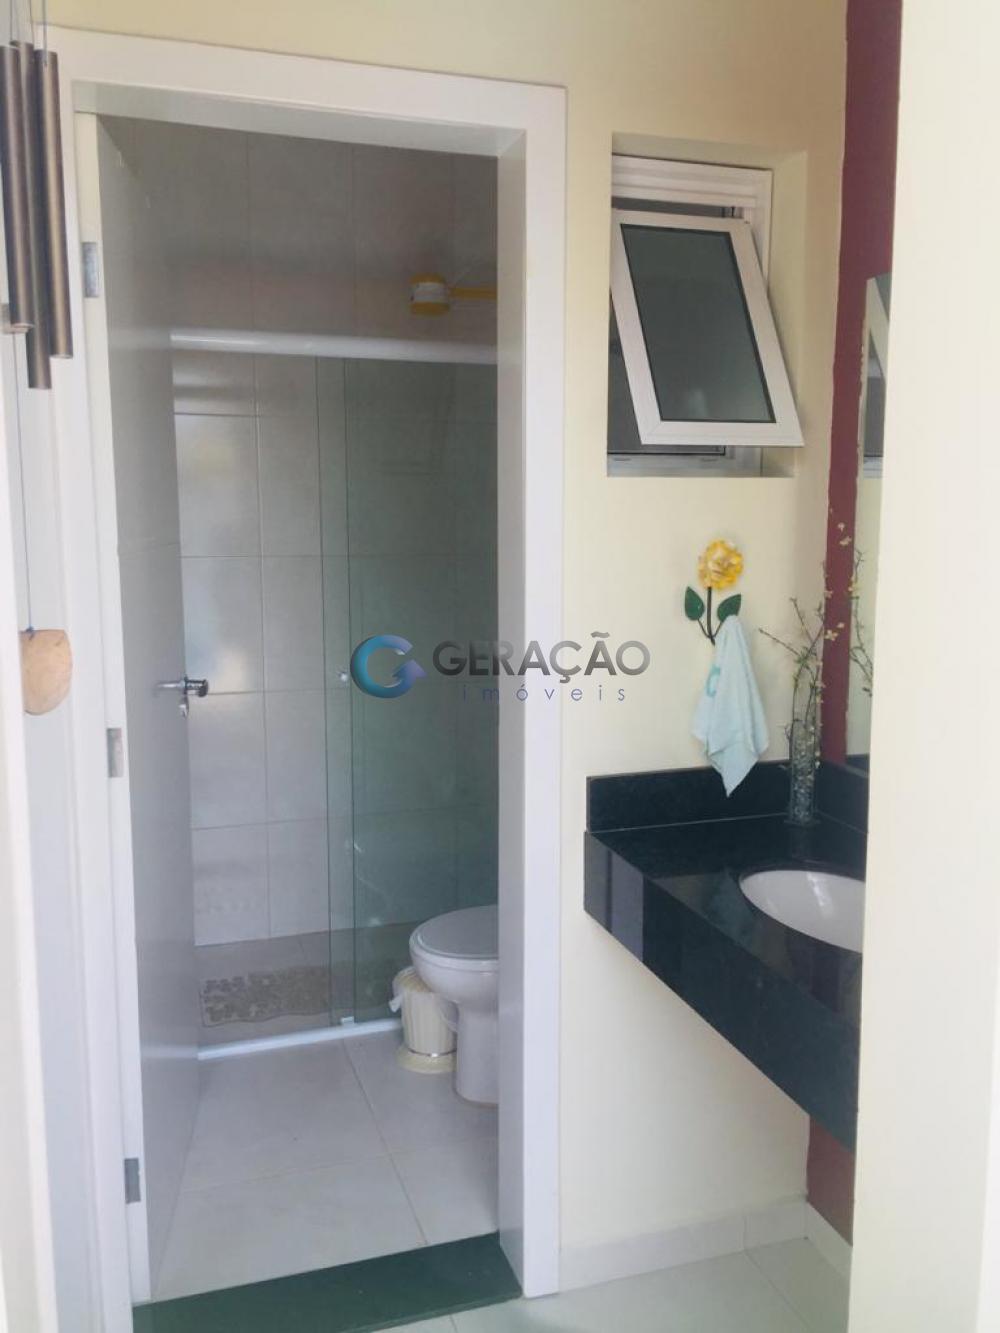 Comprar Casa / Condomínio em São José dos Campos apenas R$ 950.000,00 - Foto 17